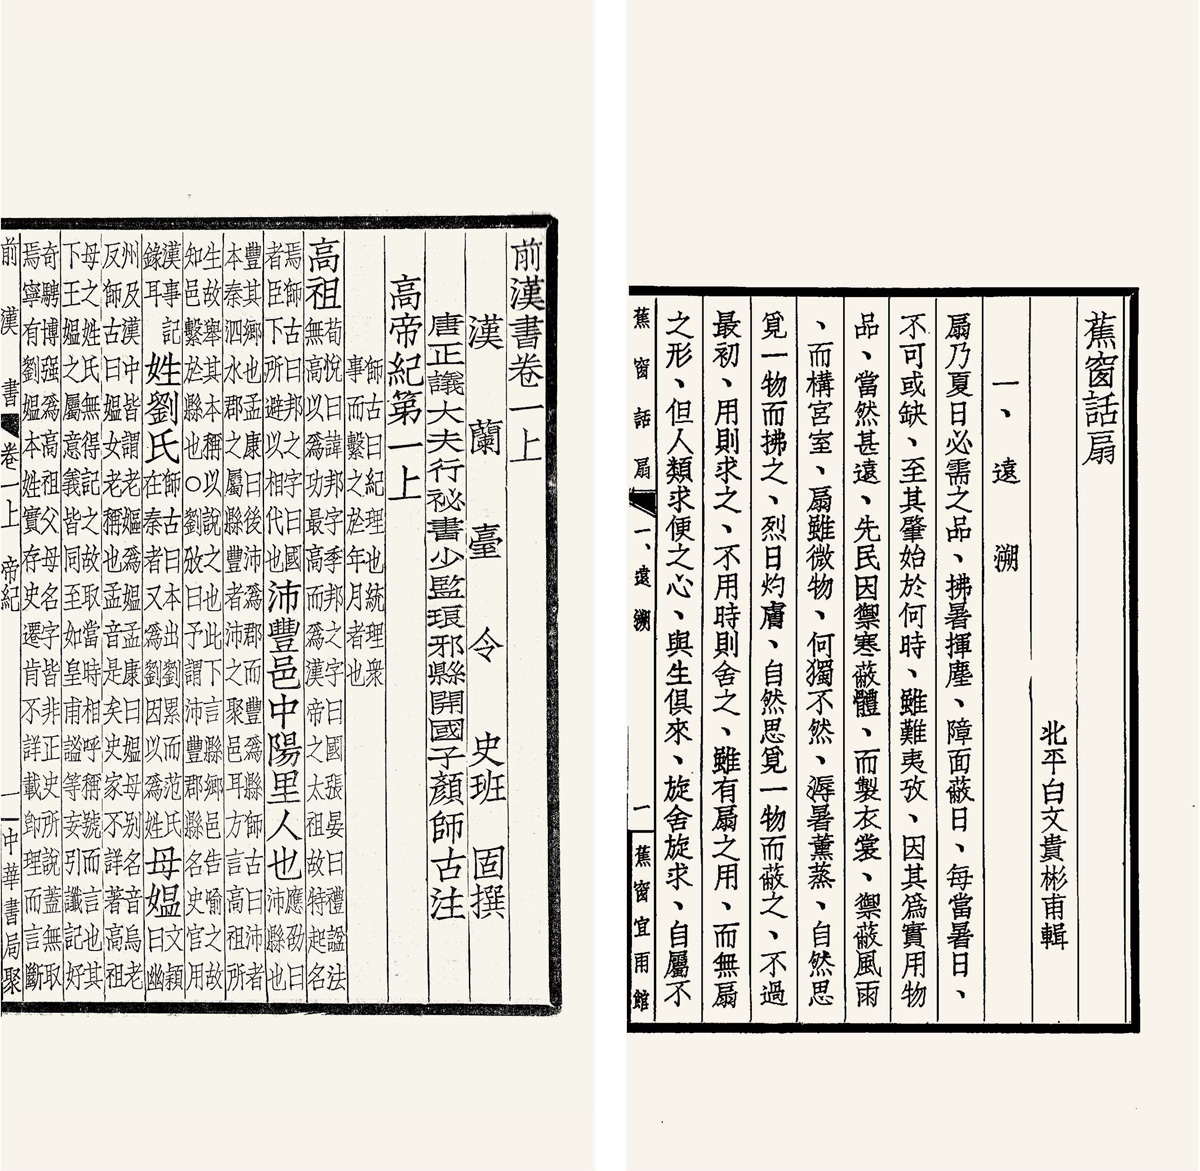 中華書局的「聚珍仿宋」;右:文嵐簃的「仿古宋體」